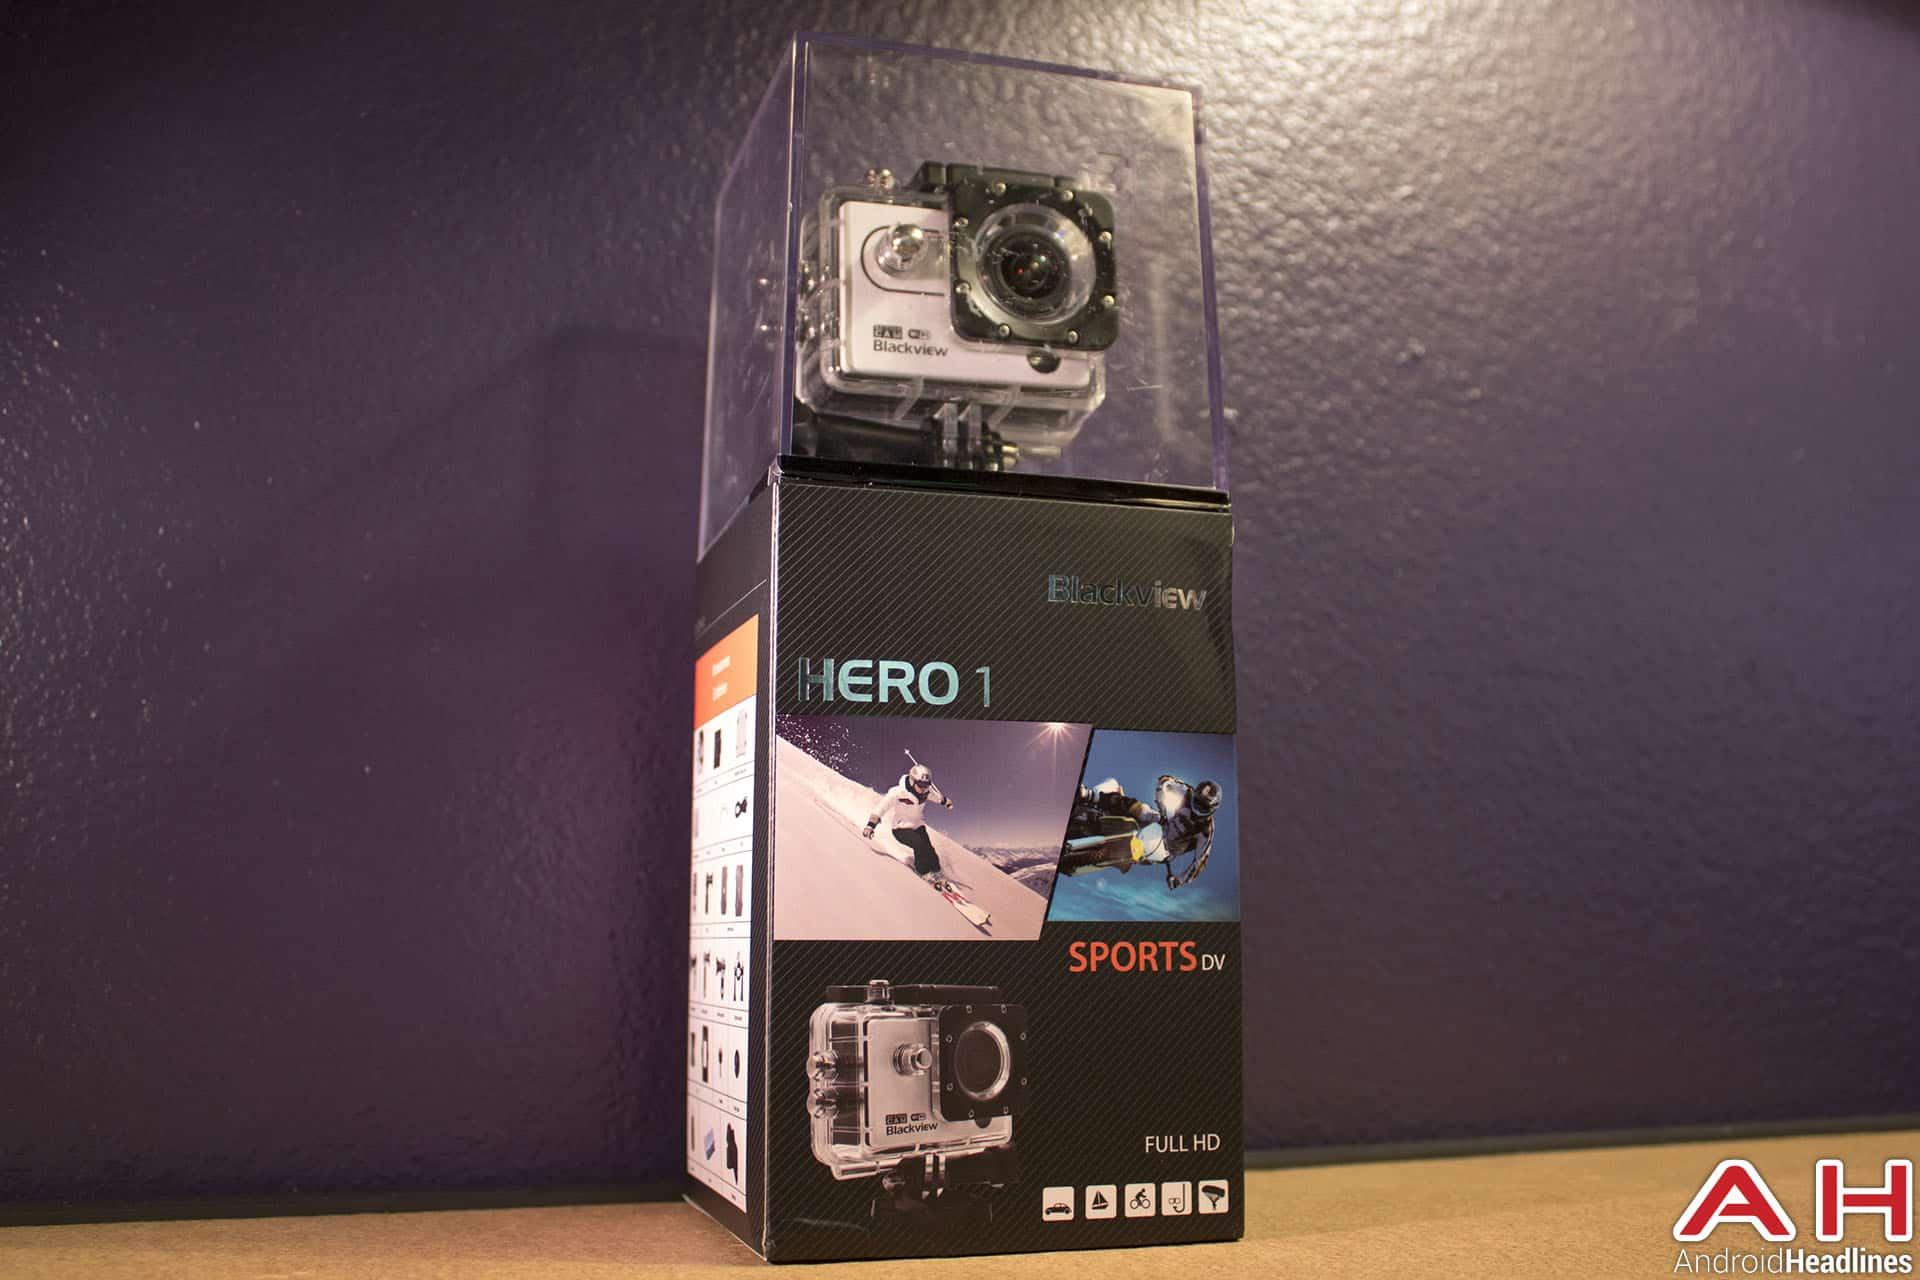 Blackview-Hero-1-AH-box